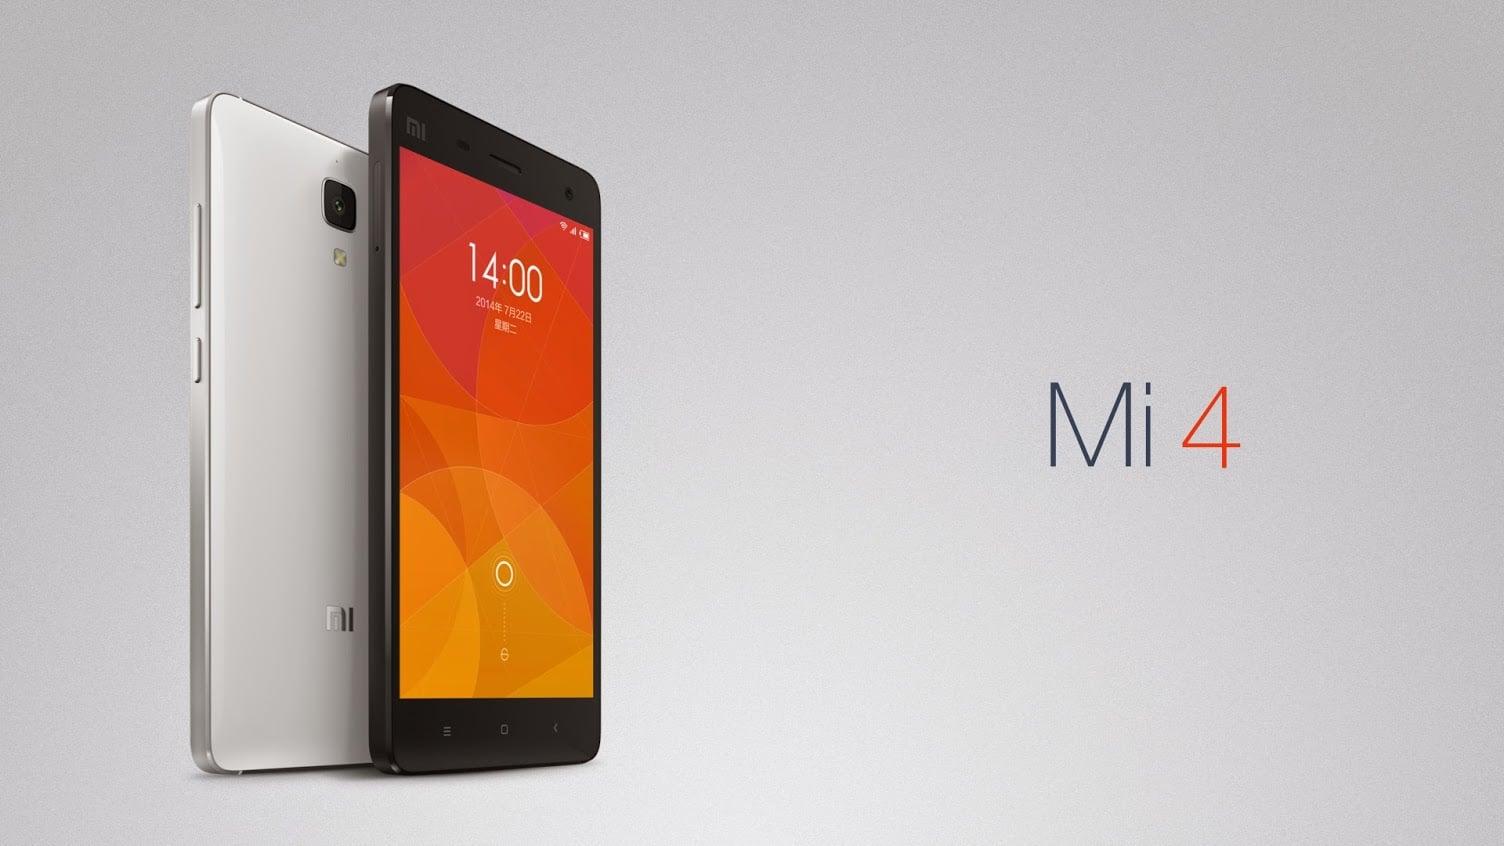 Tabletowo.pl Pan Jiutang: Xiaomi Mi 5 zadebiutuje w lutym Android Plotki / Przecieki Smartfony Xiaomi